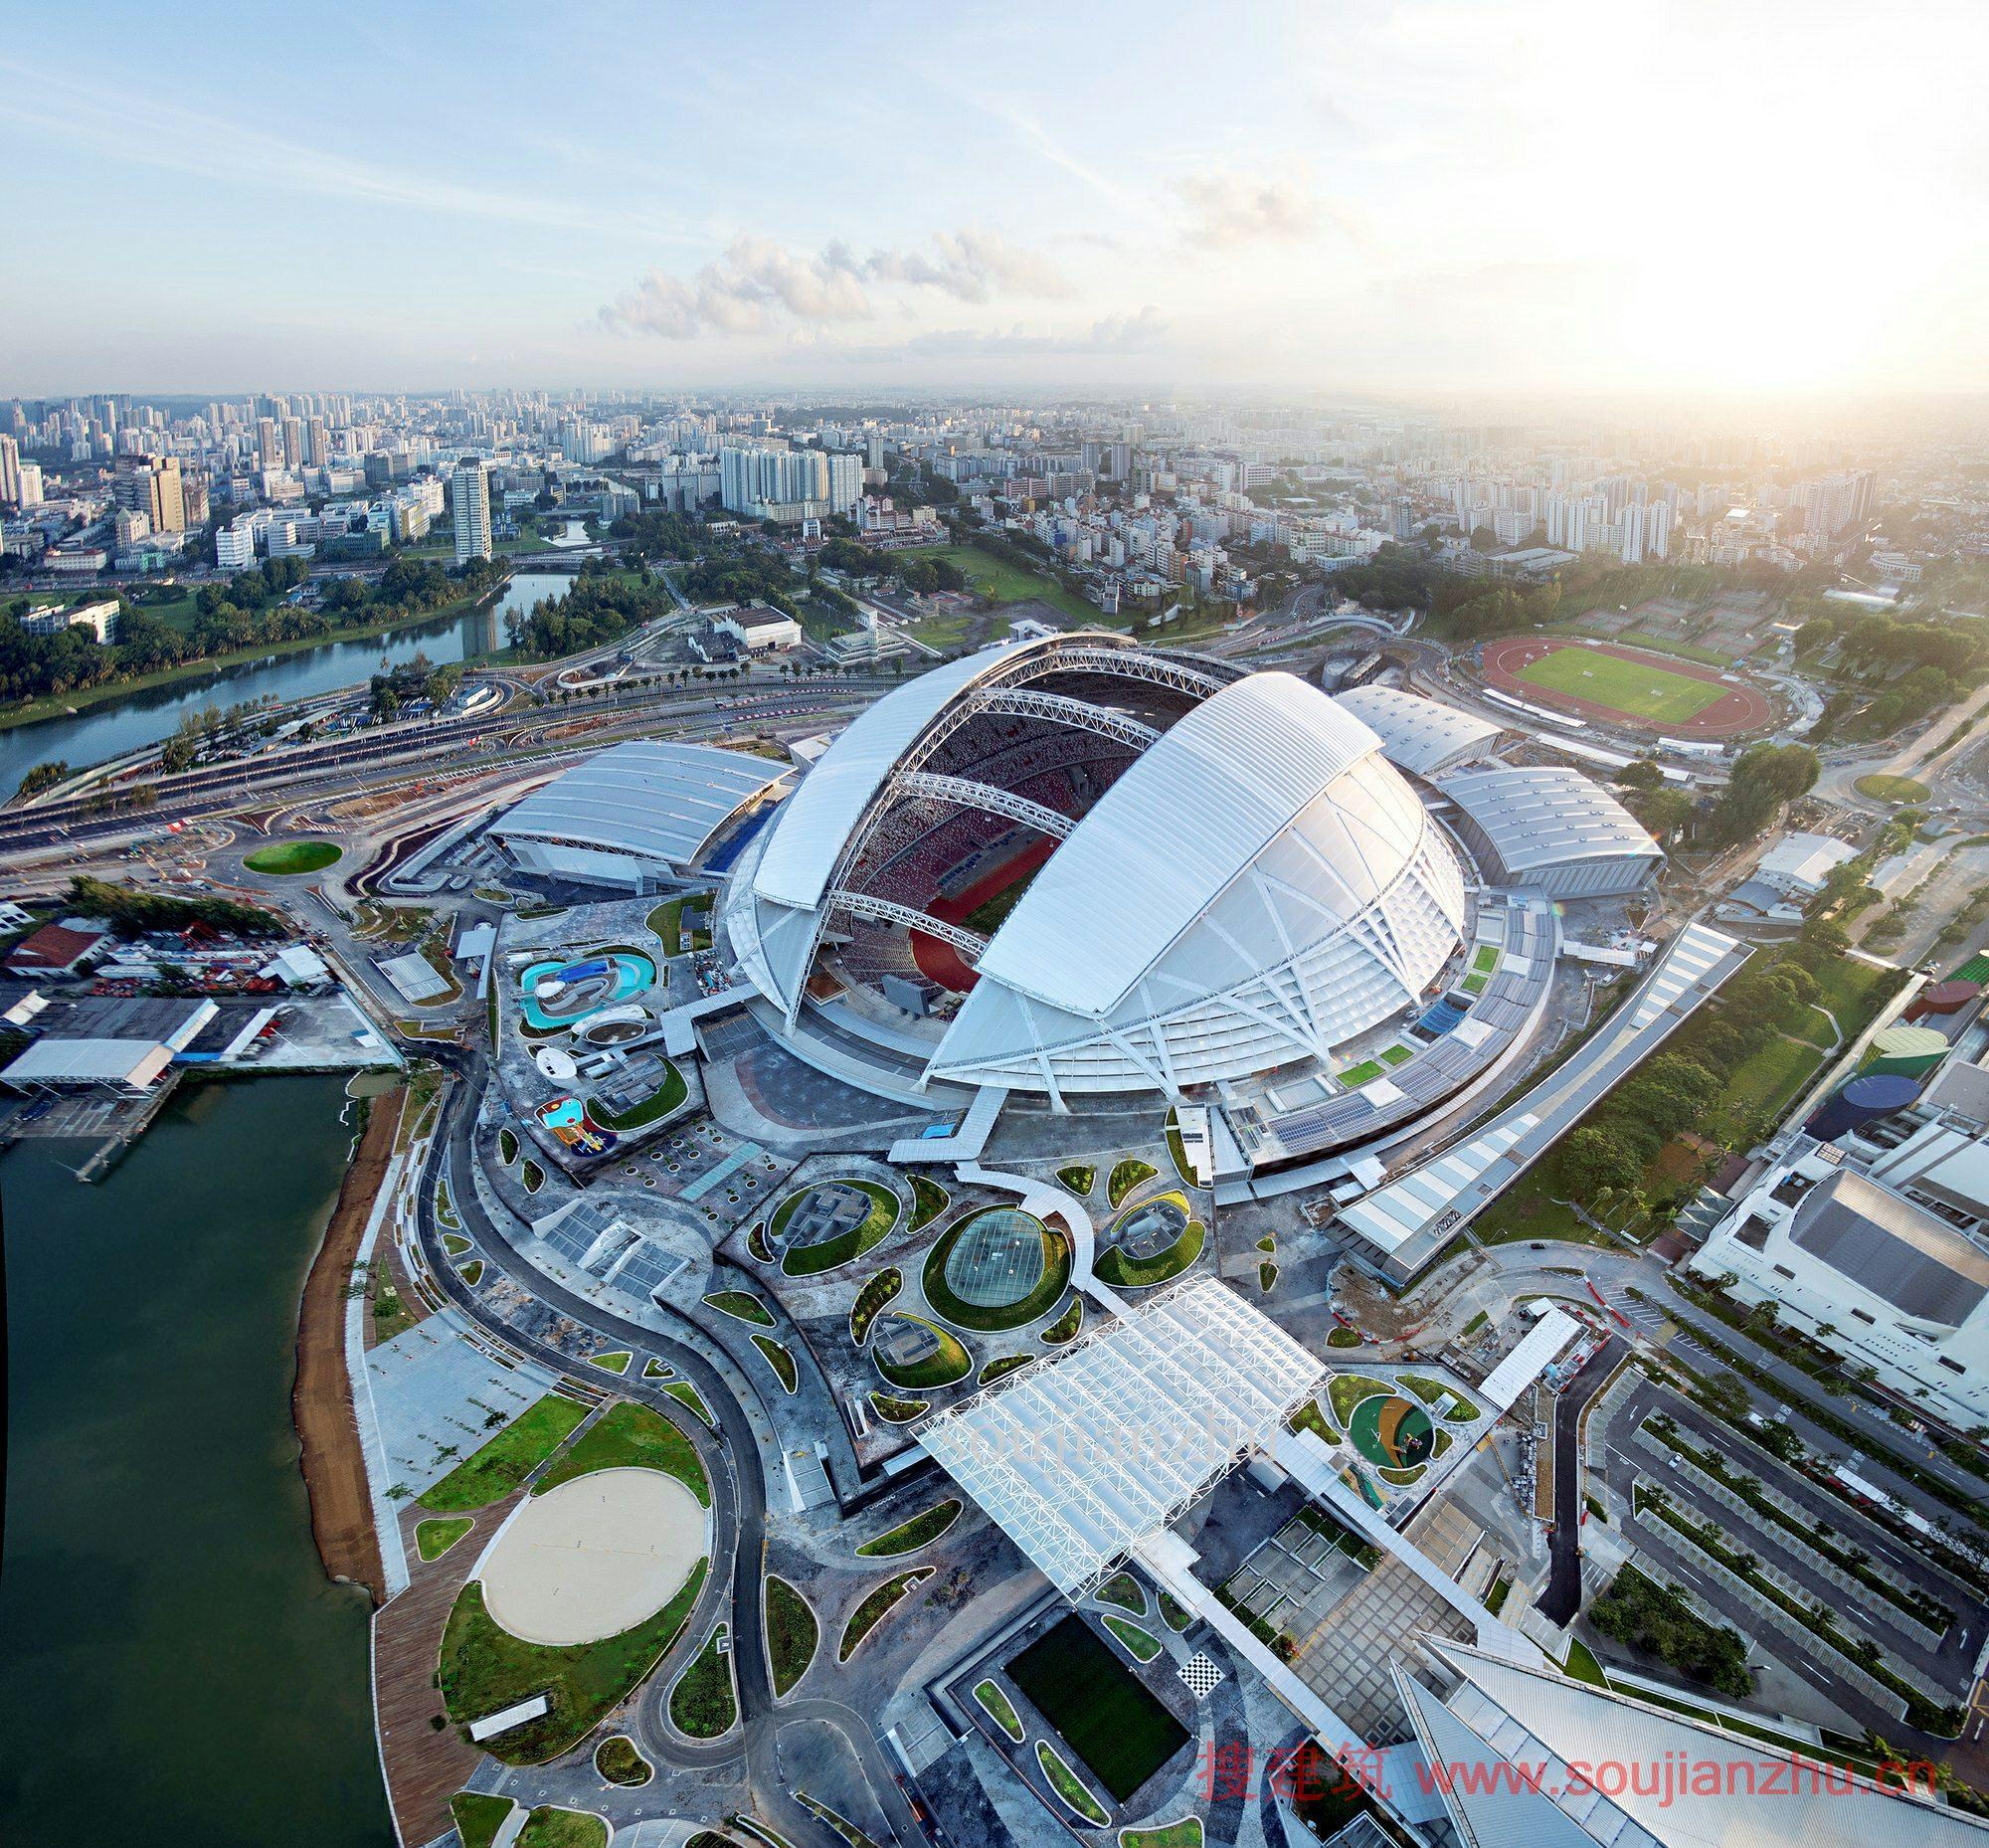 项目名称:新加坡体育城 建筑设计:DP建筑师事务所,Arup 景观设计:AECOM 地点:新加坡 年份:2014 新加坡体育城 愿景 - 创建一个独特的生态系统 2014年6月新加坡庆祝了亚洲首个体育、休闲和生活方式的综合性中心-新加坡体育城的开幕。新加坡体育城坐落在风景优美的35公顷滨水场地,提供了一个独特的体育、购物和休闲场所的综合生态系统,同时成为新加坡拓展的城市中心和公共市区之间的枢纽。 新加坡体育城是新加坡政府市区重建及体育设施总体规划2030年新加坡体育远景规划 的一个重